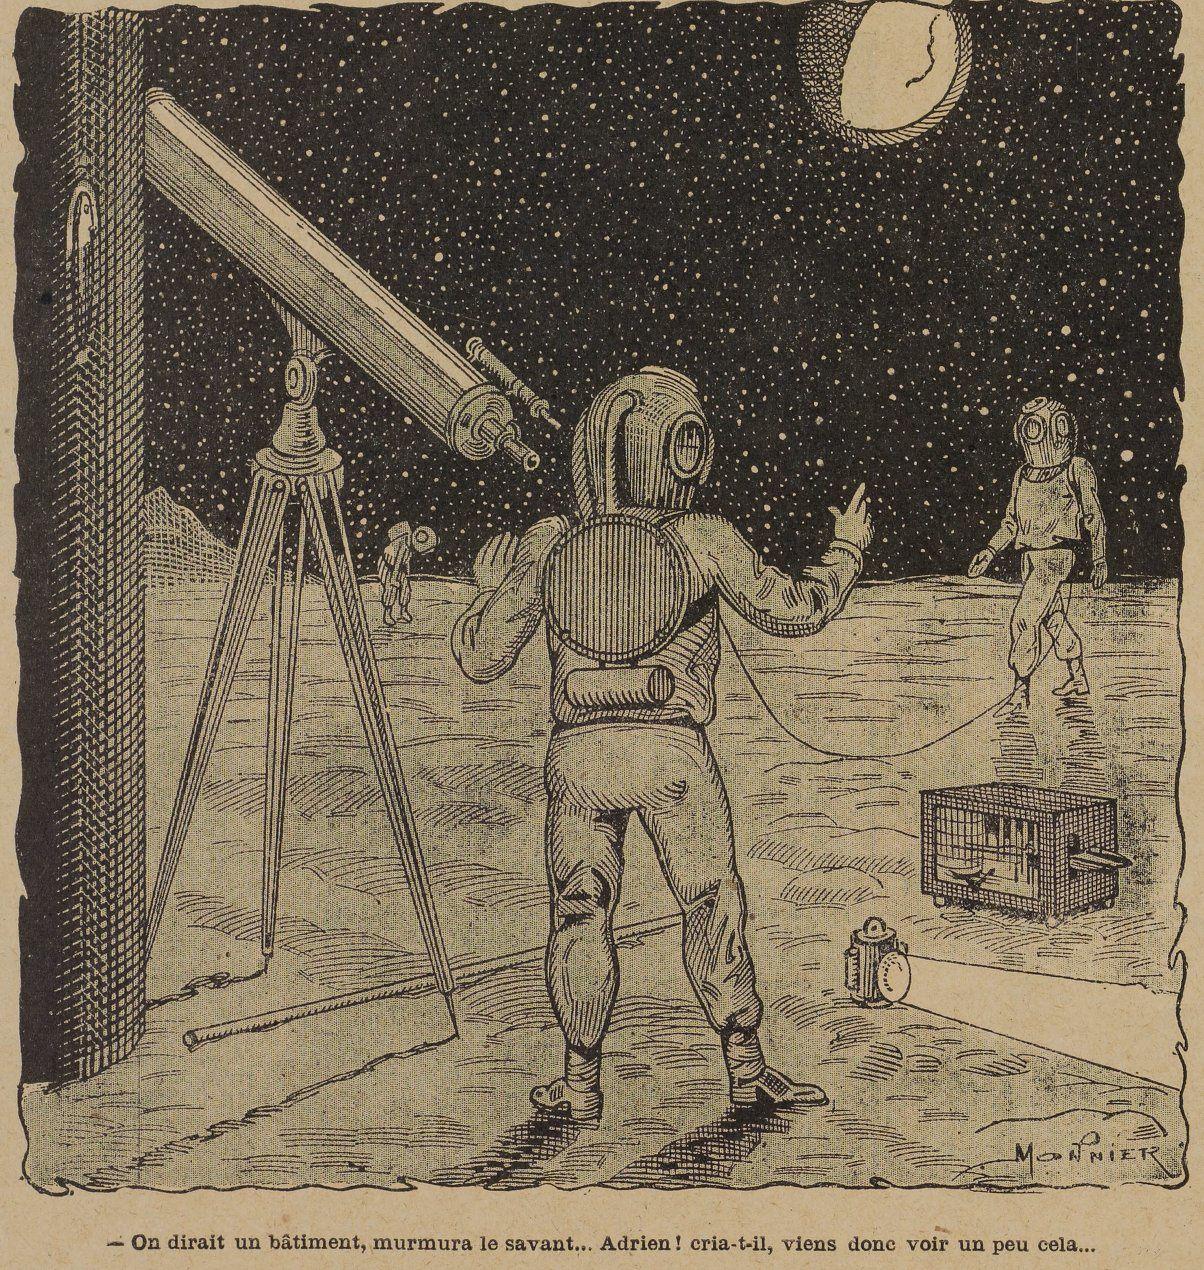 Marius Monnier - A quatre-vingt dix mille lieues de la Terre in La Jeunesse illustrée n°190 (14/10/1906)